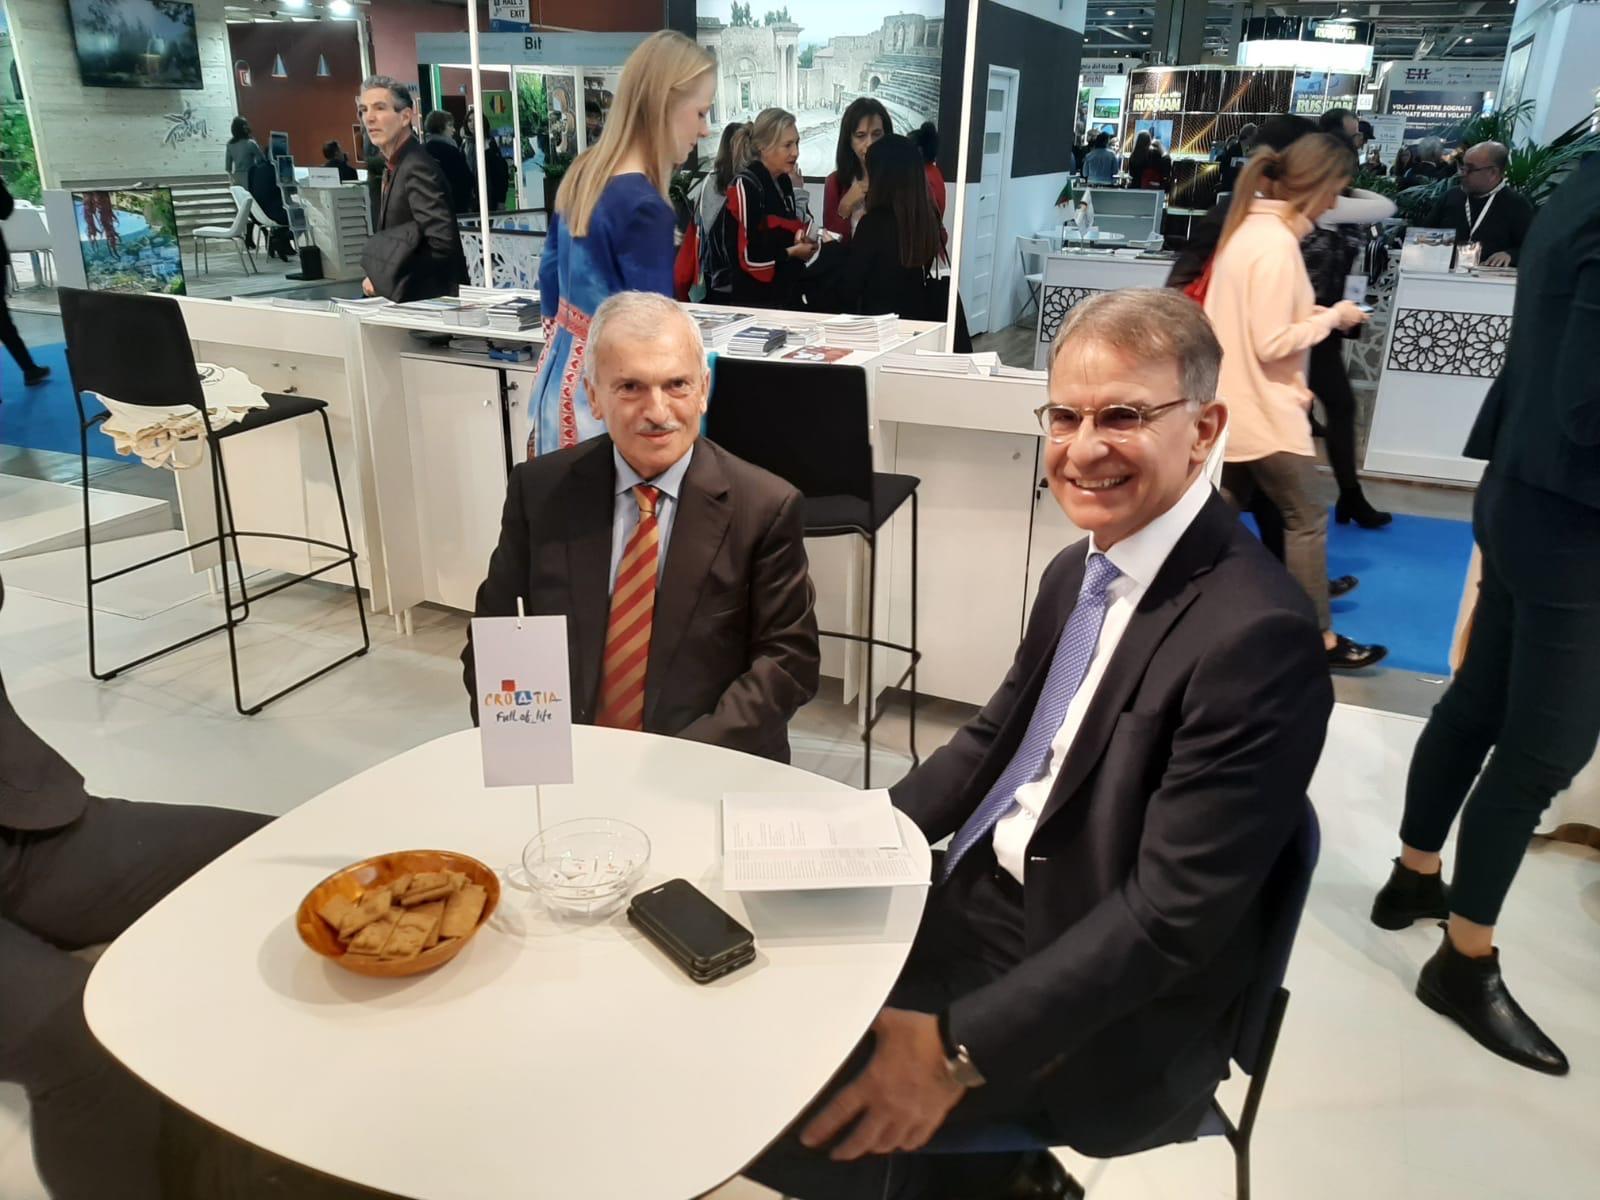 : Talijanski poduzetnik Mario Vezzola s ministrom turizma Garijem Cappellijem u Milanu